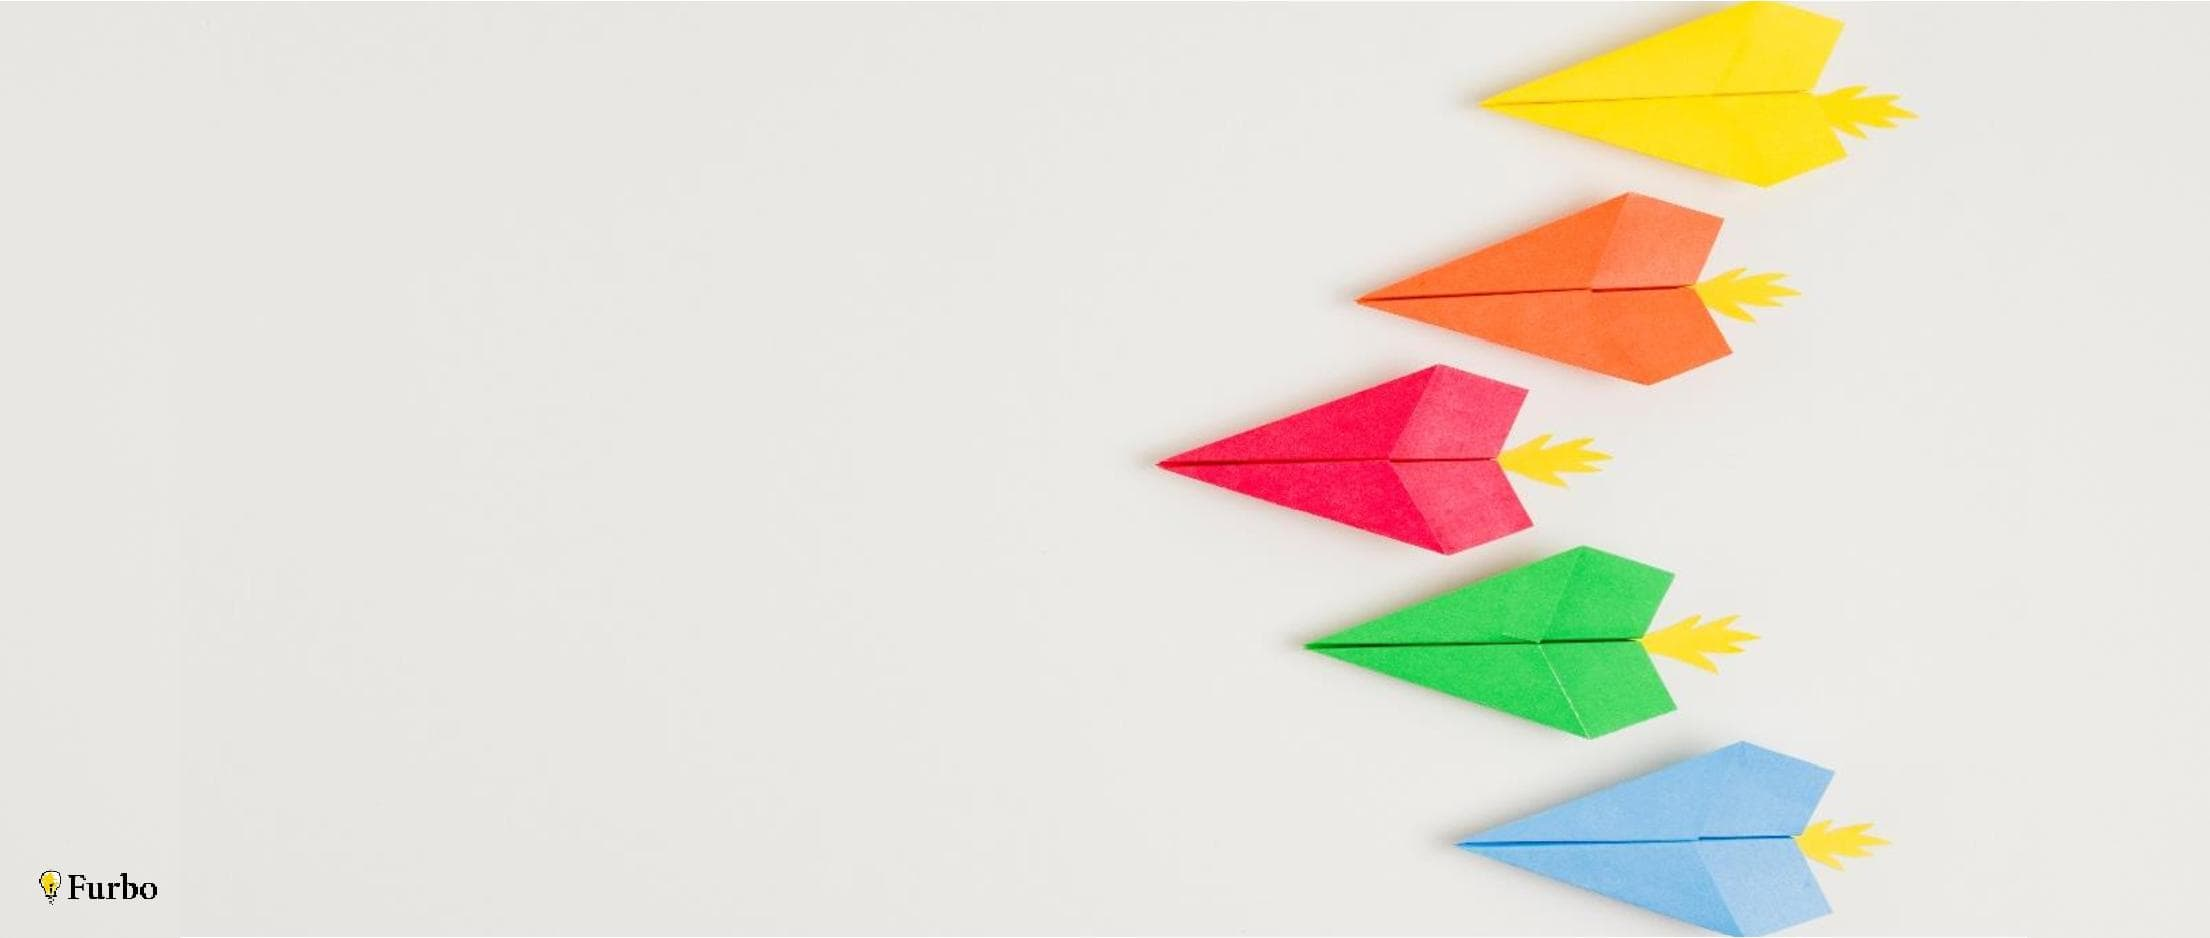 آشنایی با مدلهای کسب و کار B2C، B2B، C2B، C2C و...